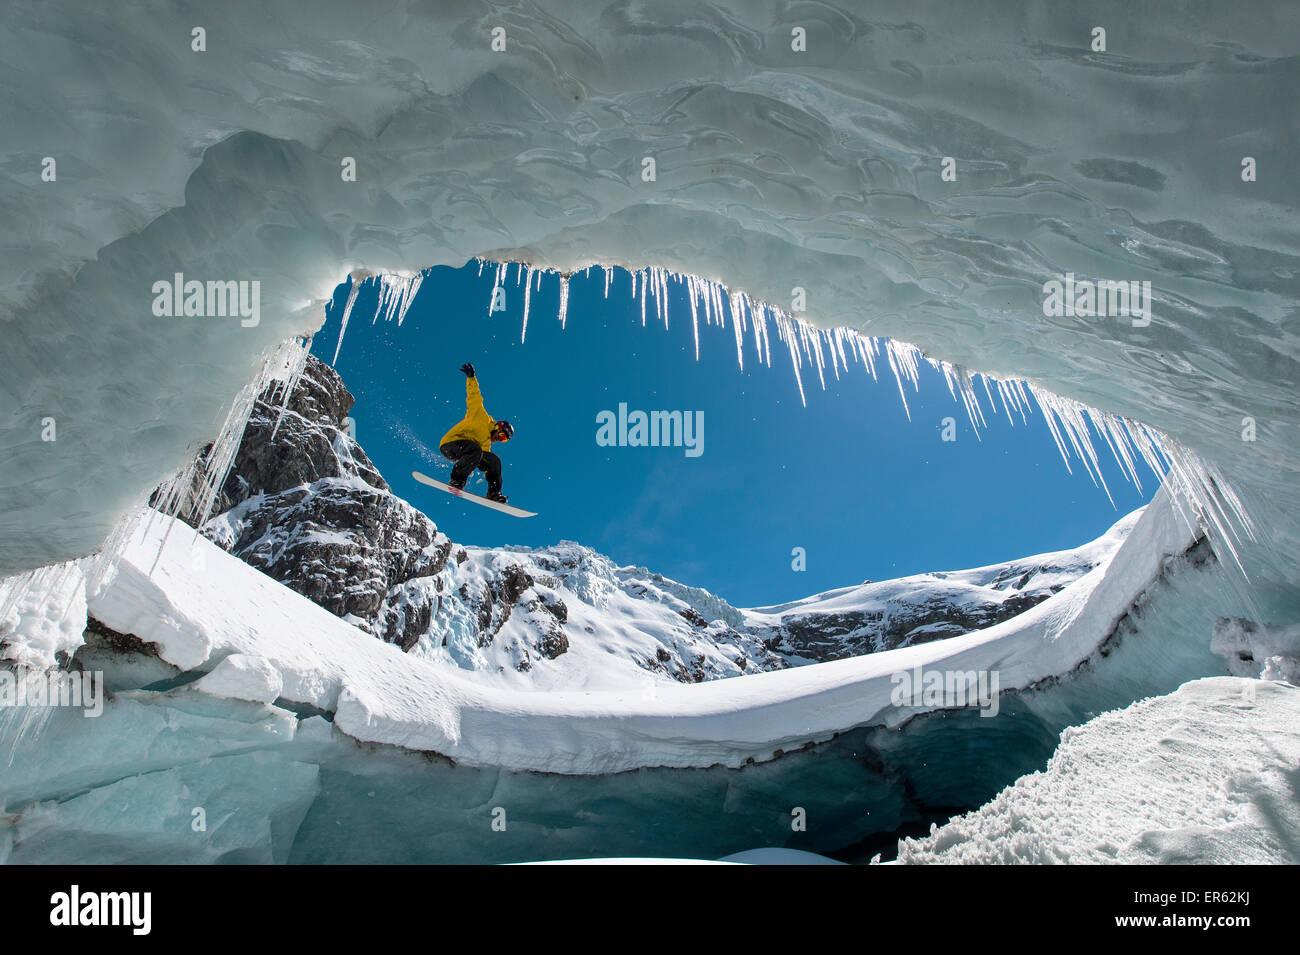 Le snowboard dans la grotte de glace, Val Roseg, pontresina, canton des Grisons, Suisse Photo Stock